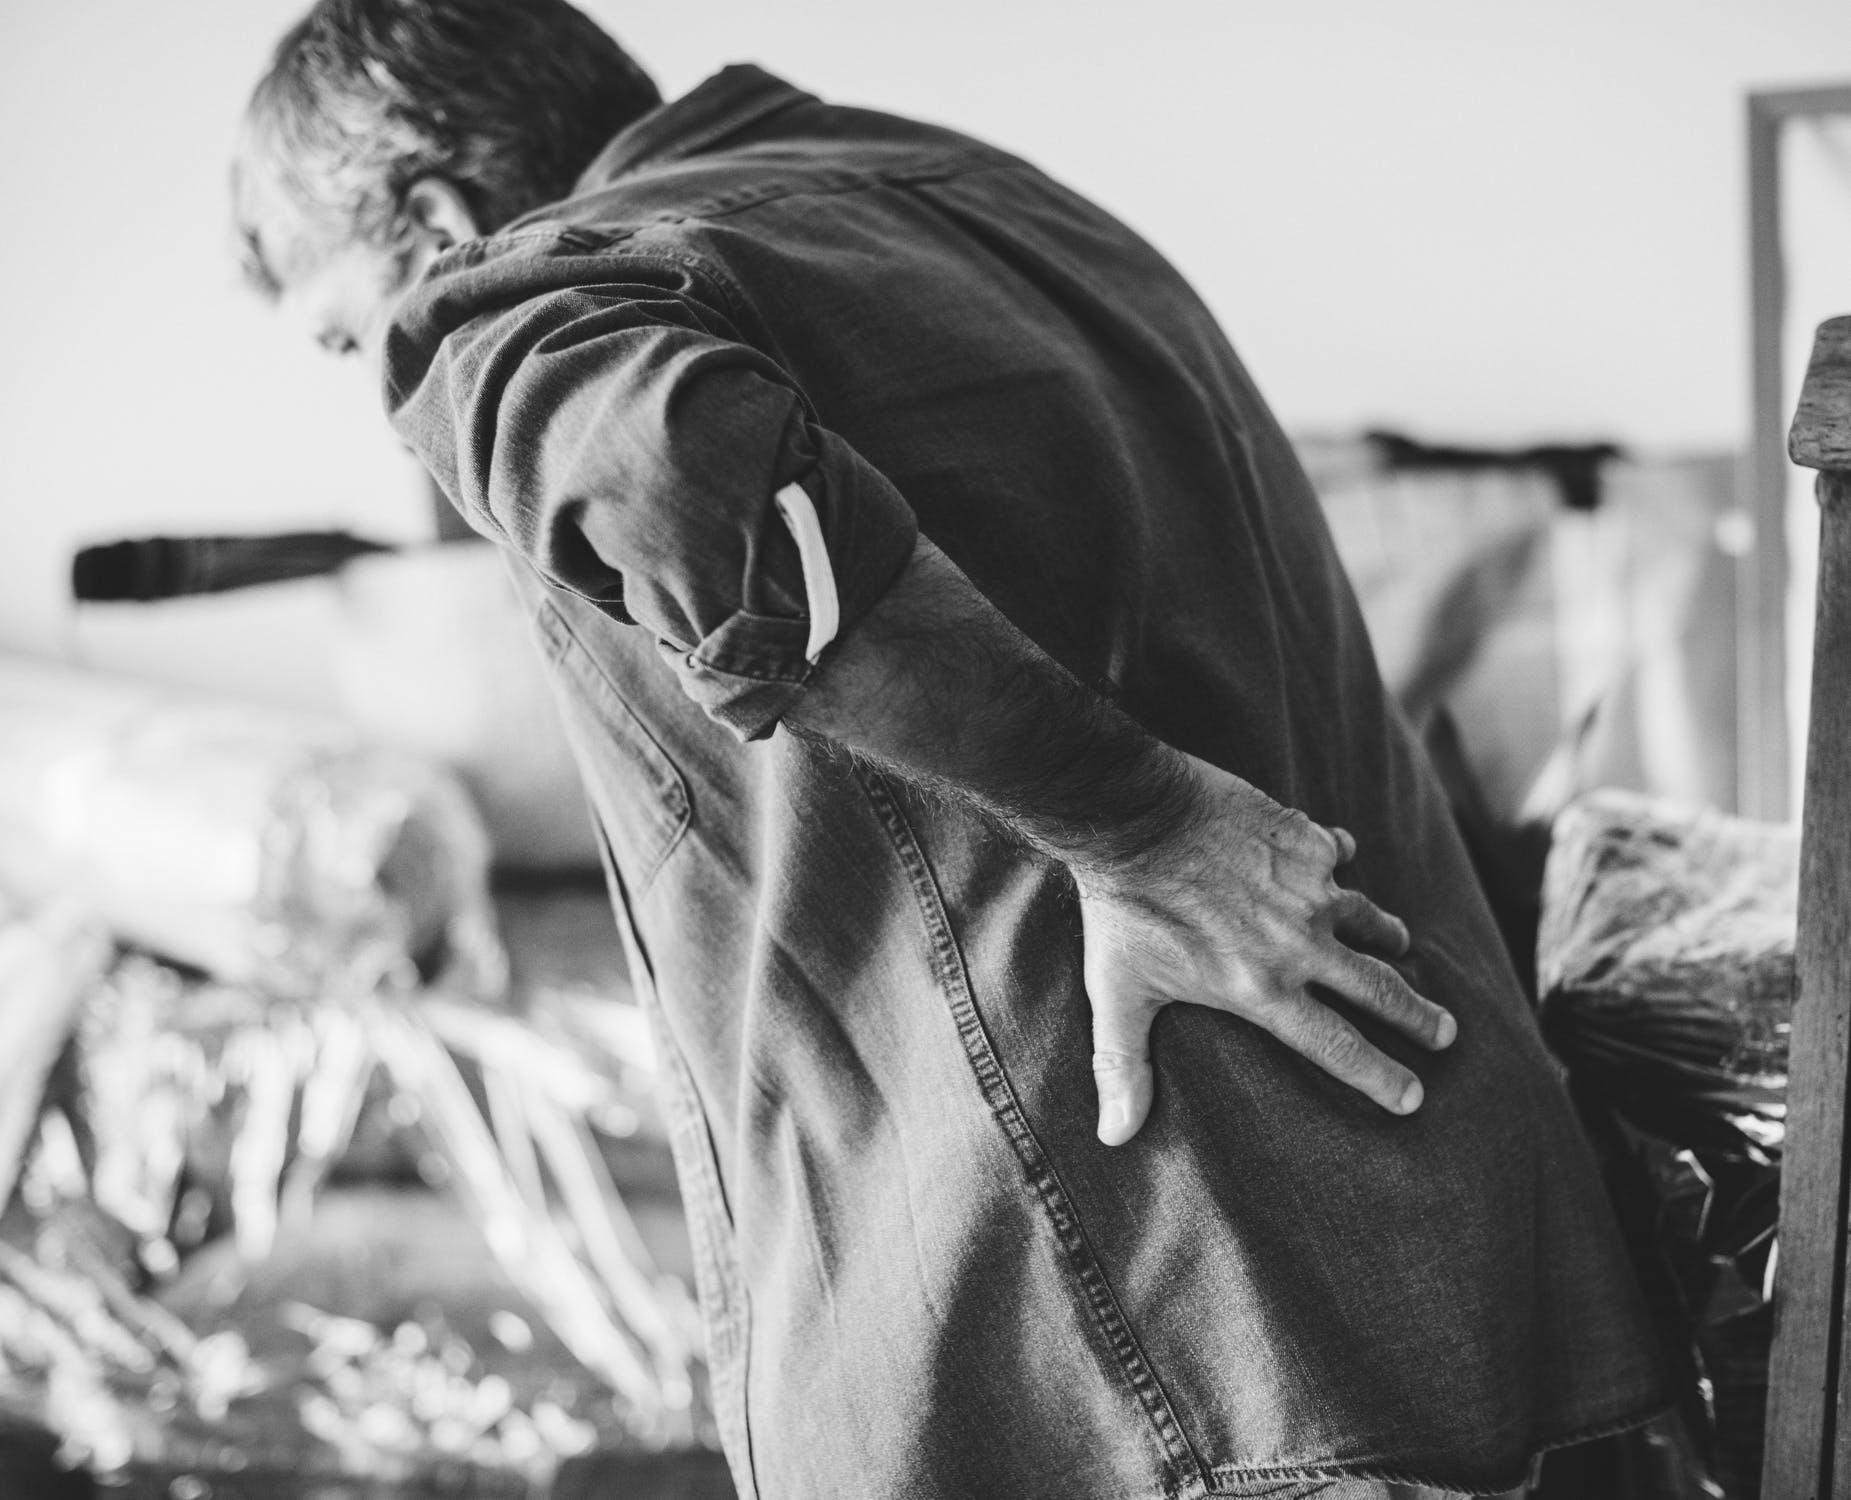 इसके अलावा, टेढ़े होकर बैठने से रीढ़ की हड्डी के जोड़ खराब हो सकते हैं और रीढ़ की हड्डी की डिस्क पीठ और गर्दन में दर्द का कारण बन सकती है.